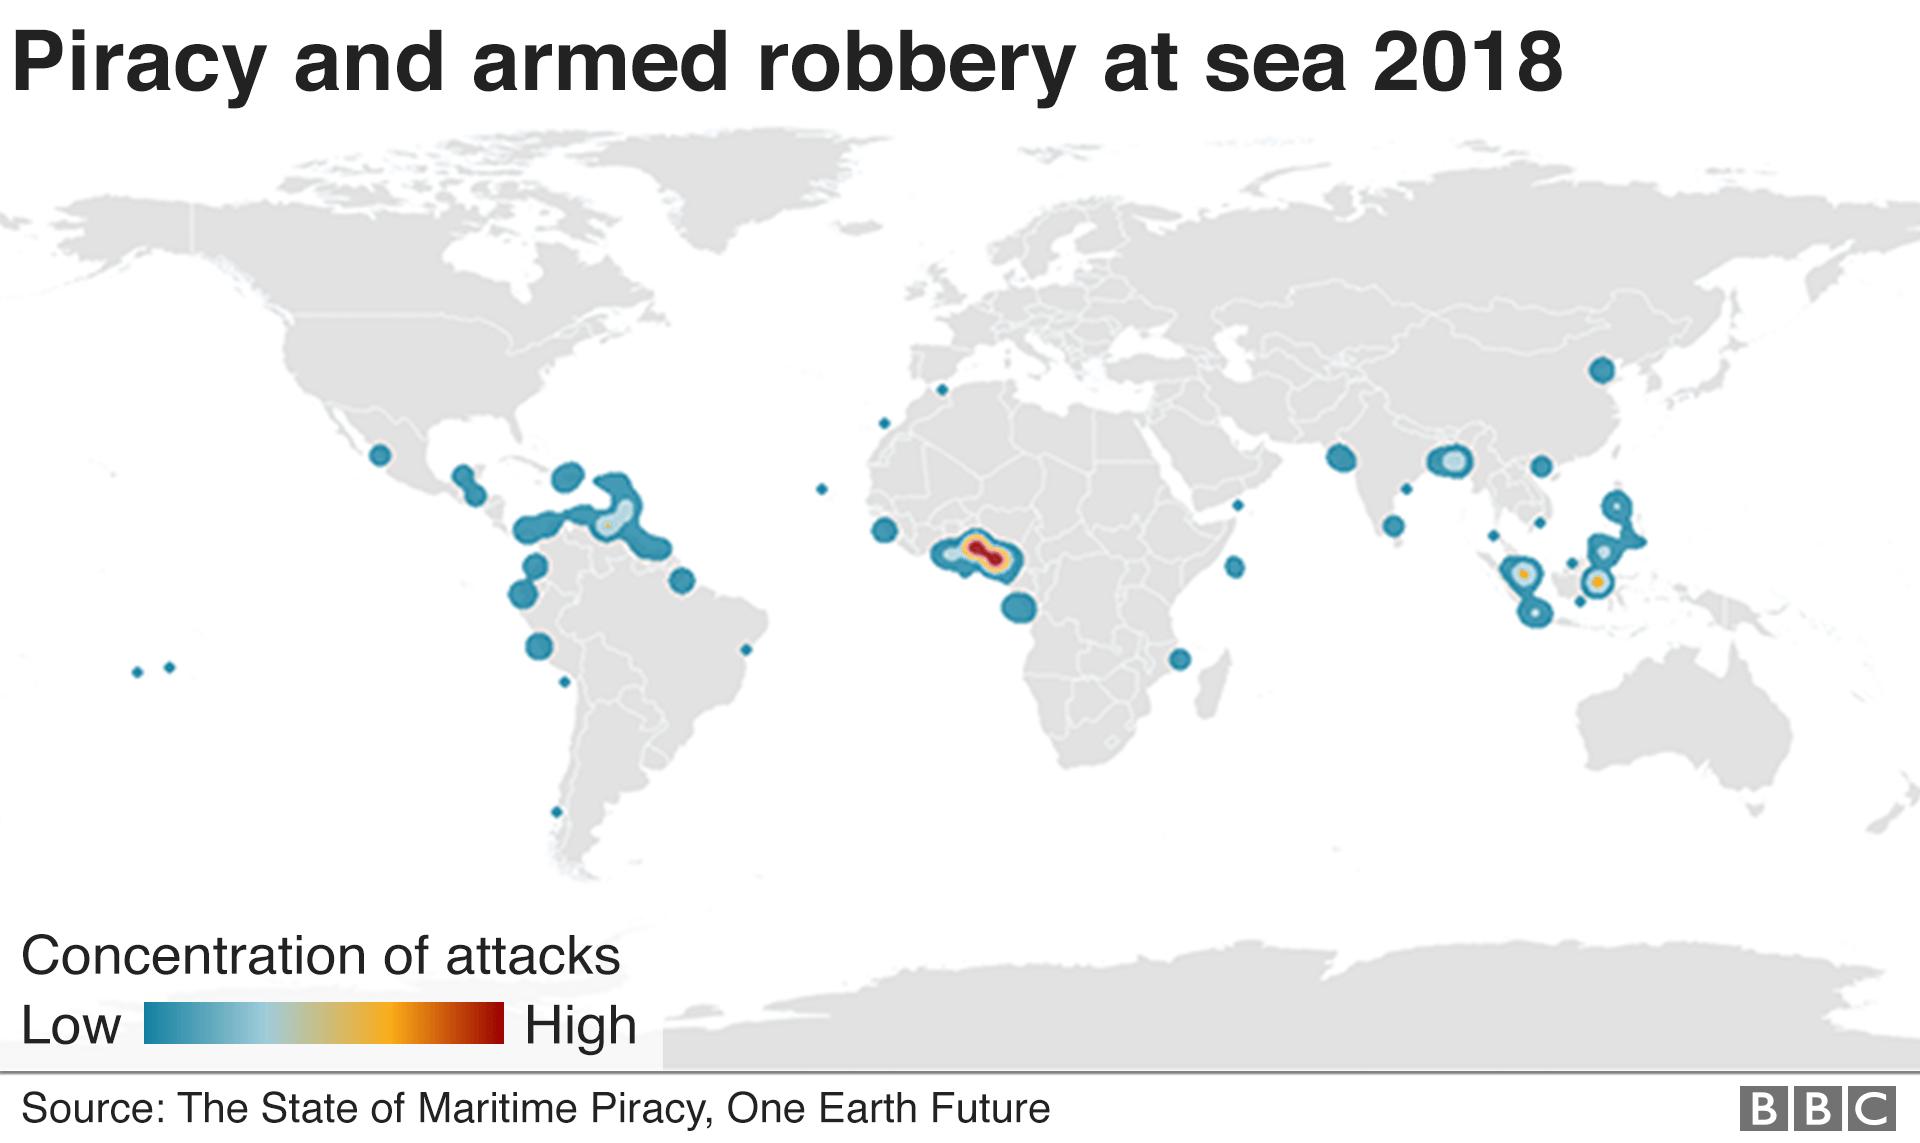 Piracy around the world